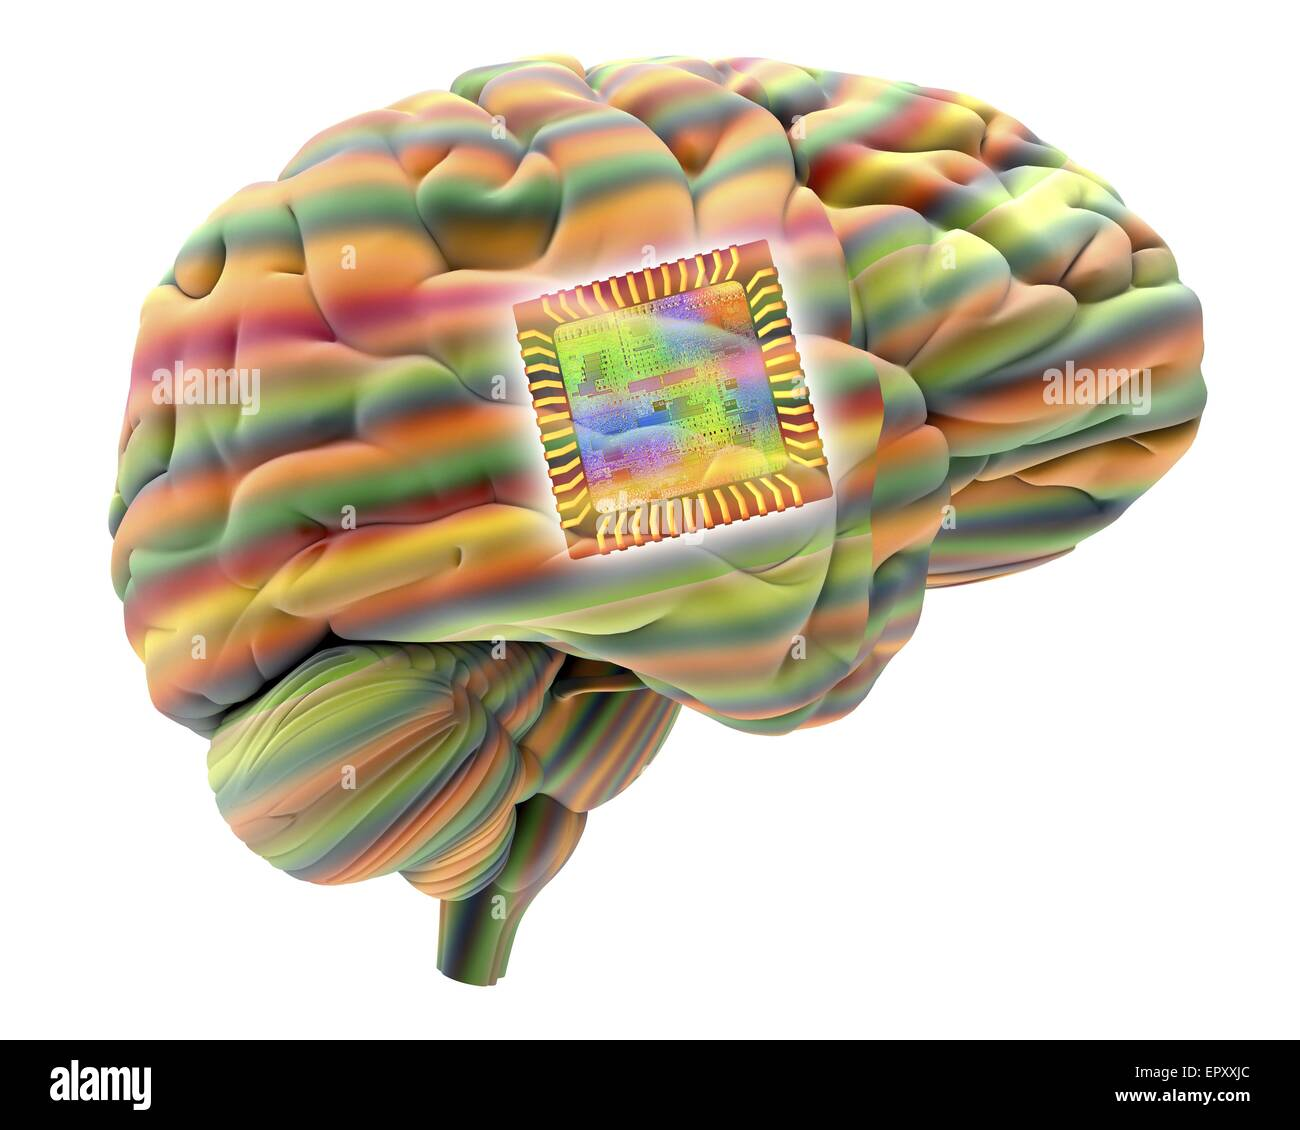 Intelligenza artificiale e cibernetica, immagine concettuale. Questa immagine di un chip per computer, sovrapposti Immagini Stock